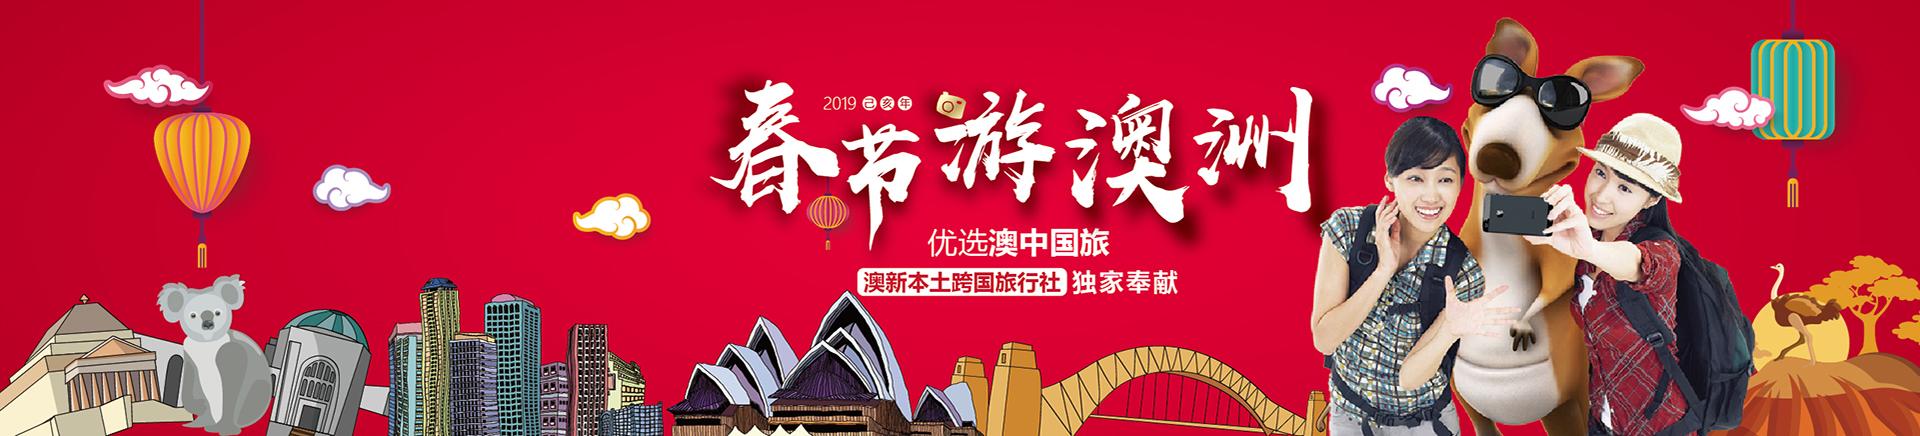 2019澳洲春节游